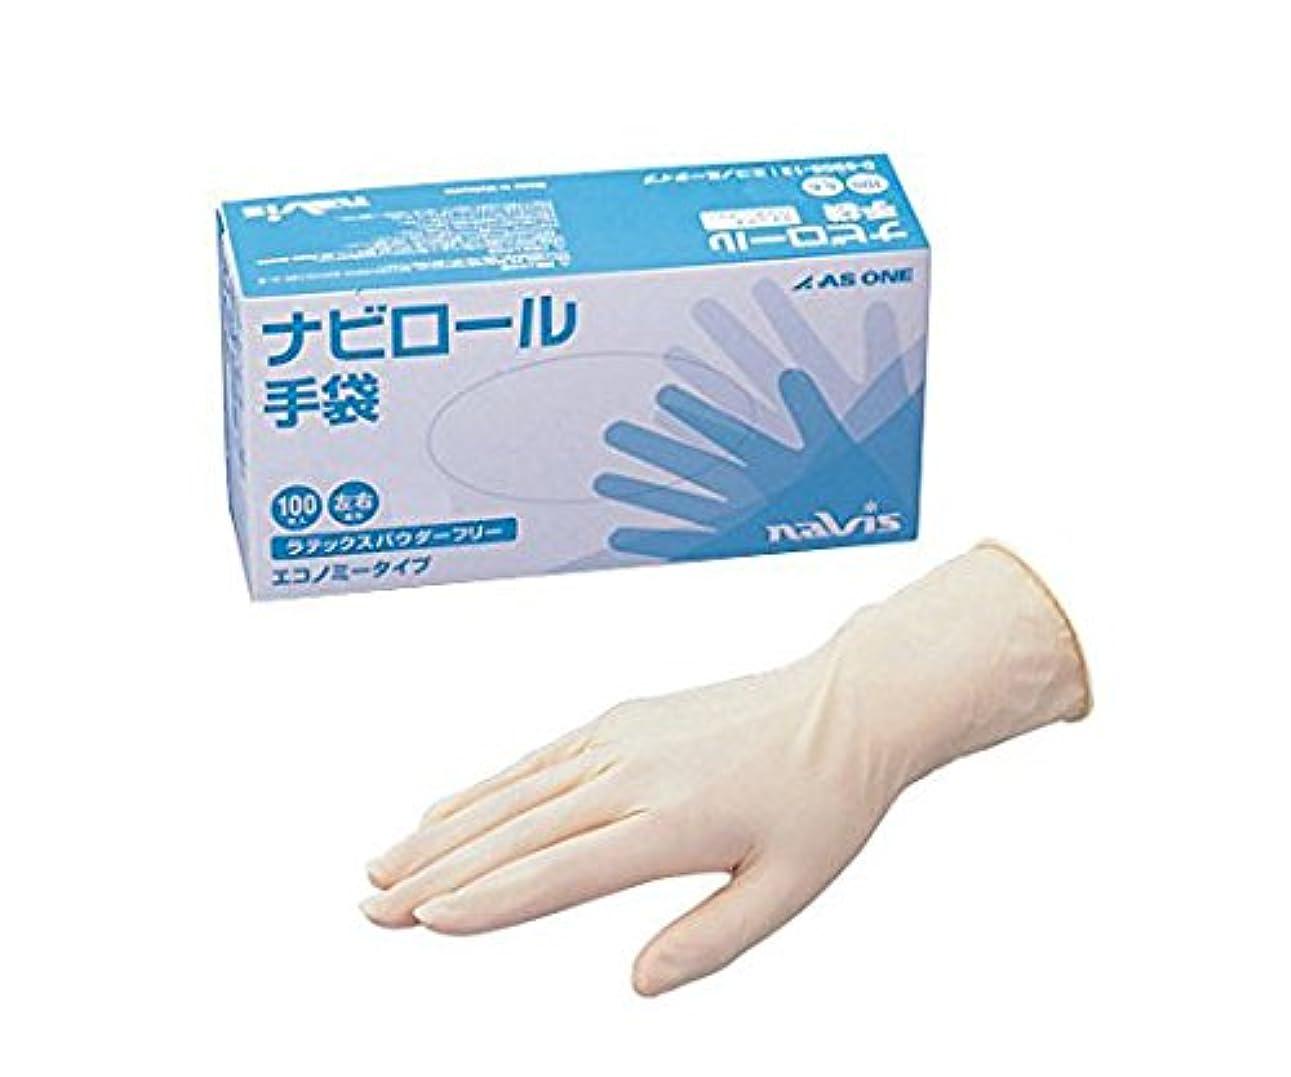 説得力のあるリングバック圧縮アズワン0-5905-22ナビロール手袋(エコノミータイプ?パウダーフリー)M100枚入